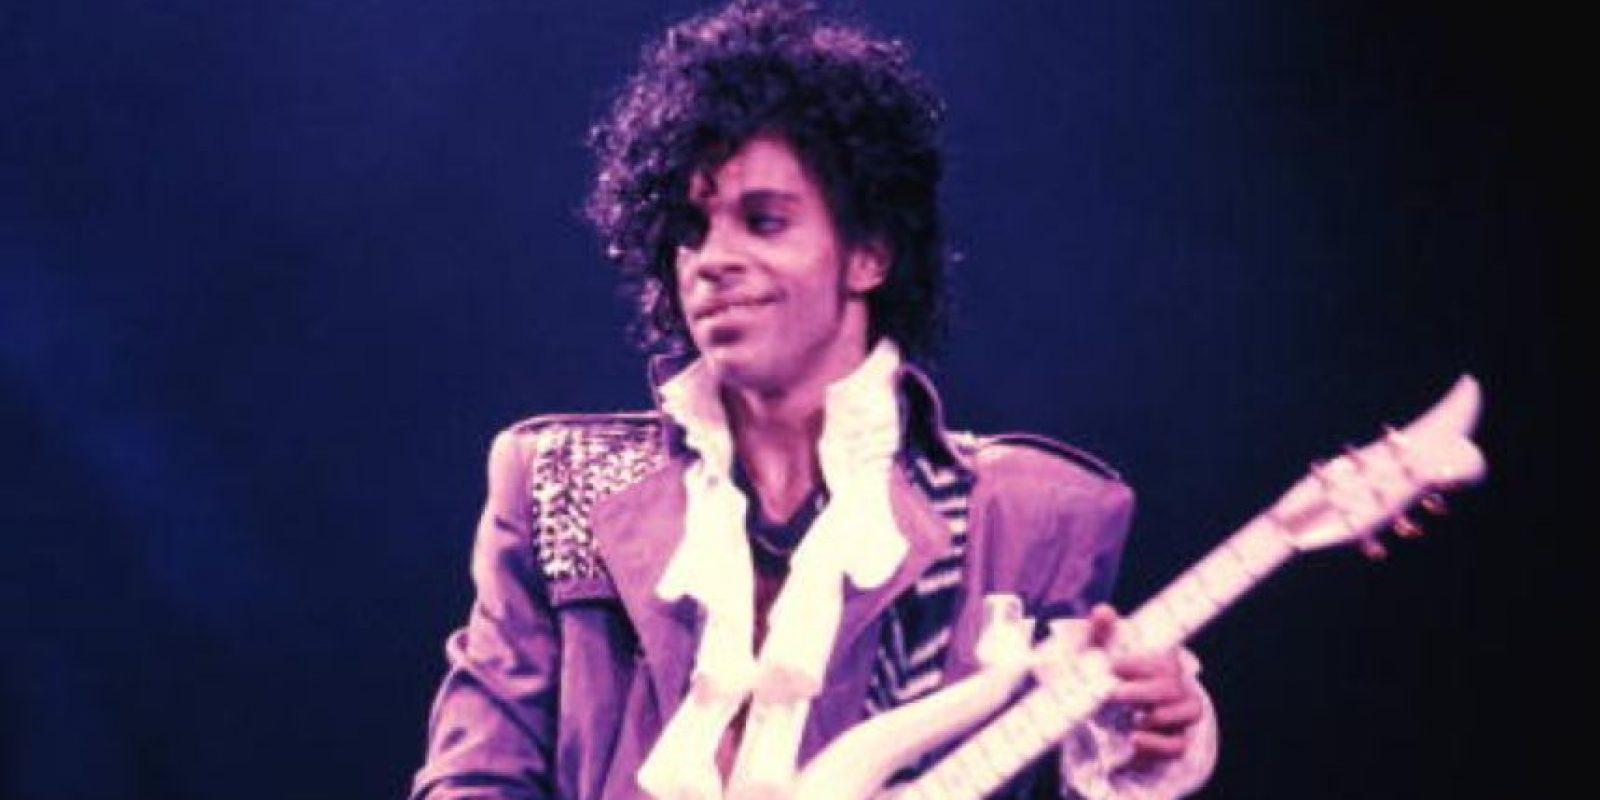 Lo encontraron muerto en su mansión. Foto:vía Getty Images